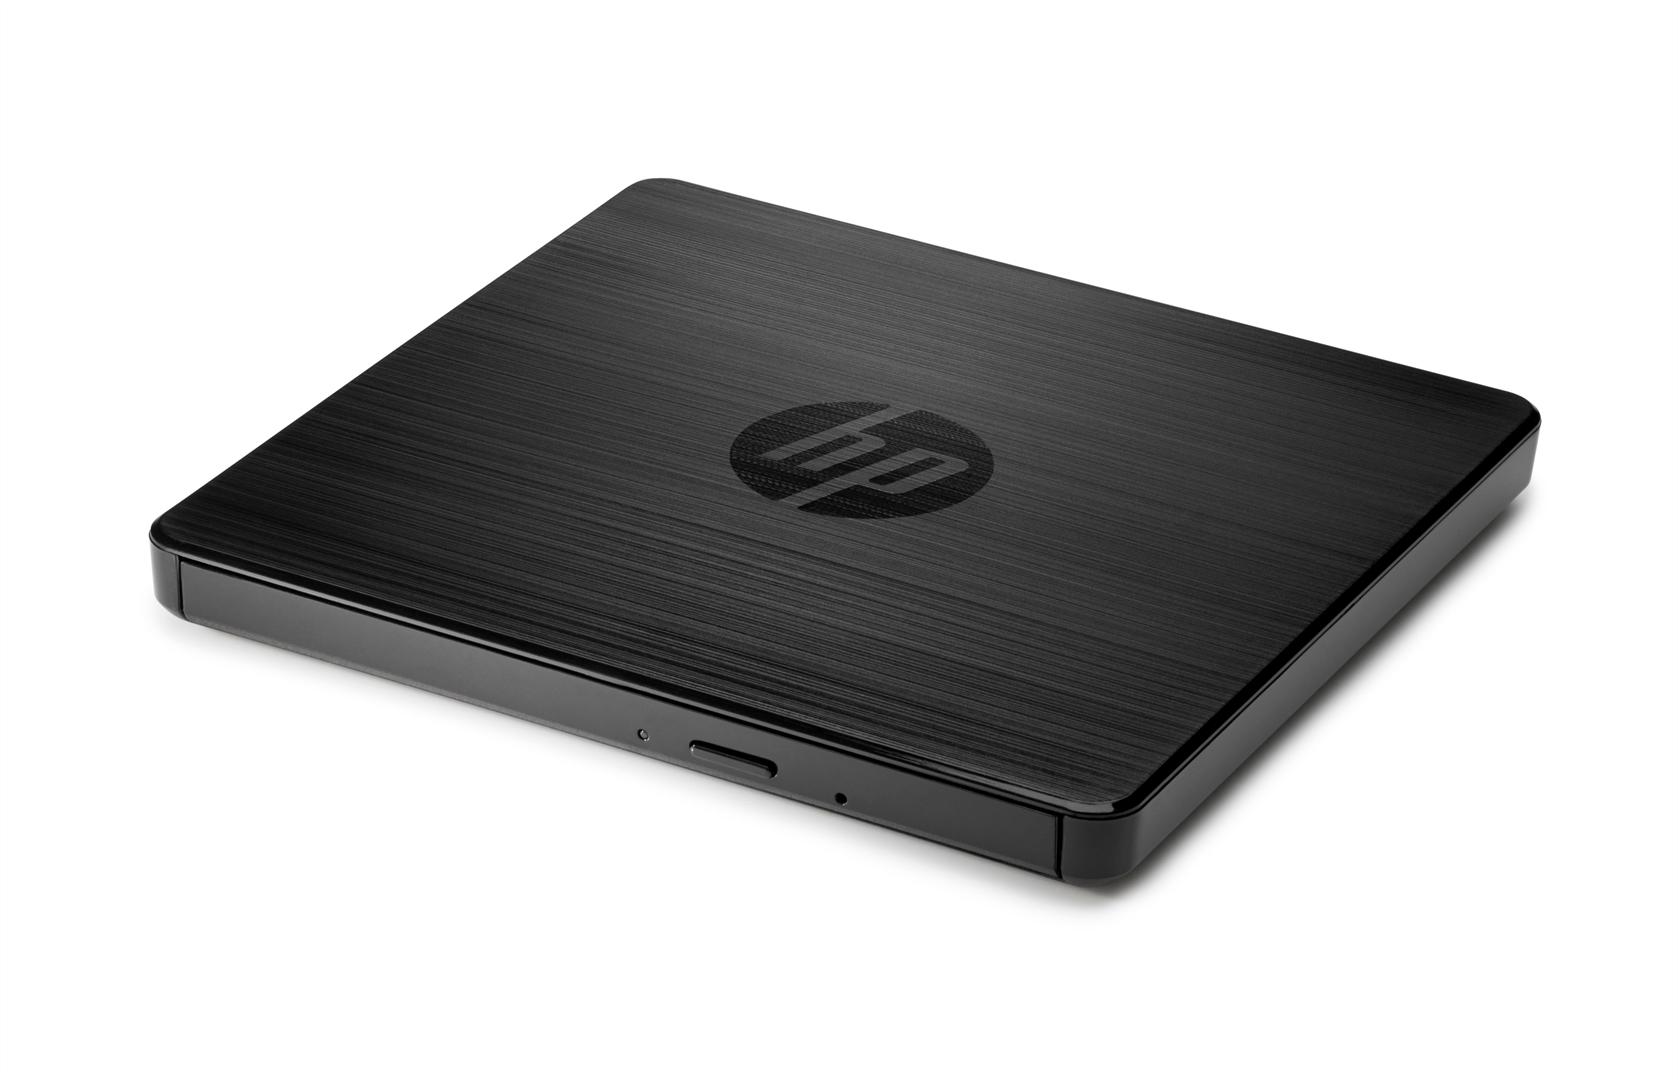 Optikai Meghajtó HP F6V97AA USB DVD-RW meghajtó Black